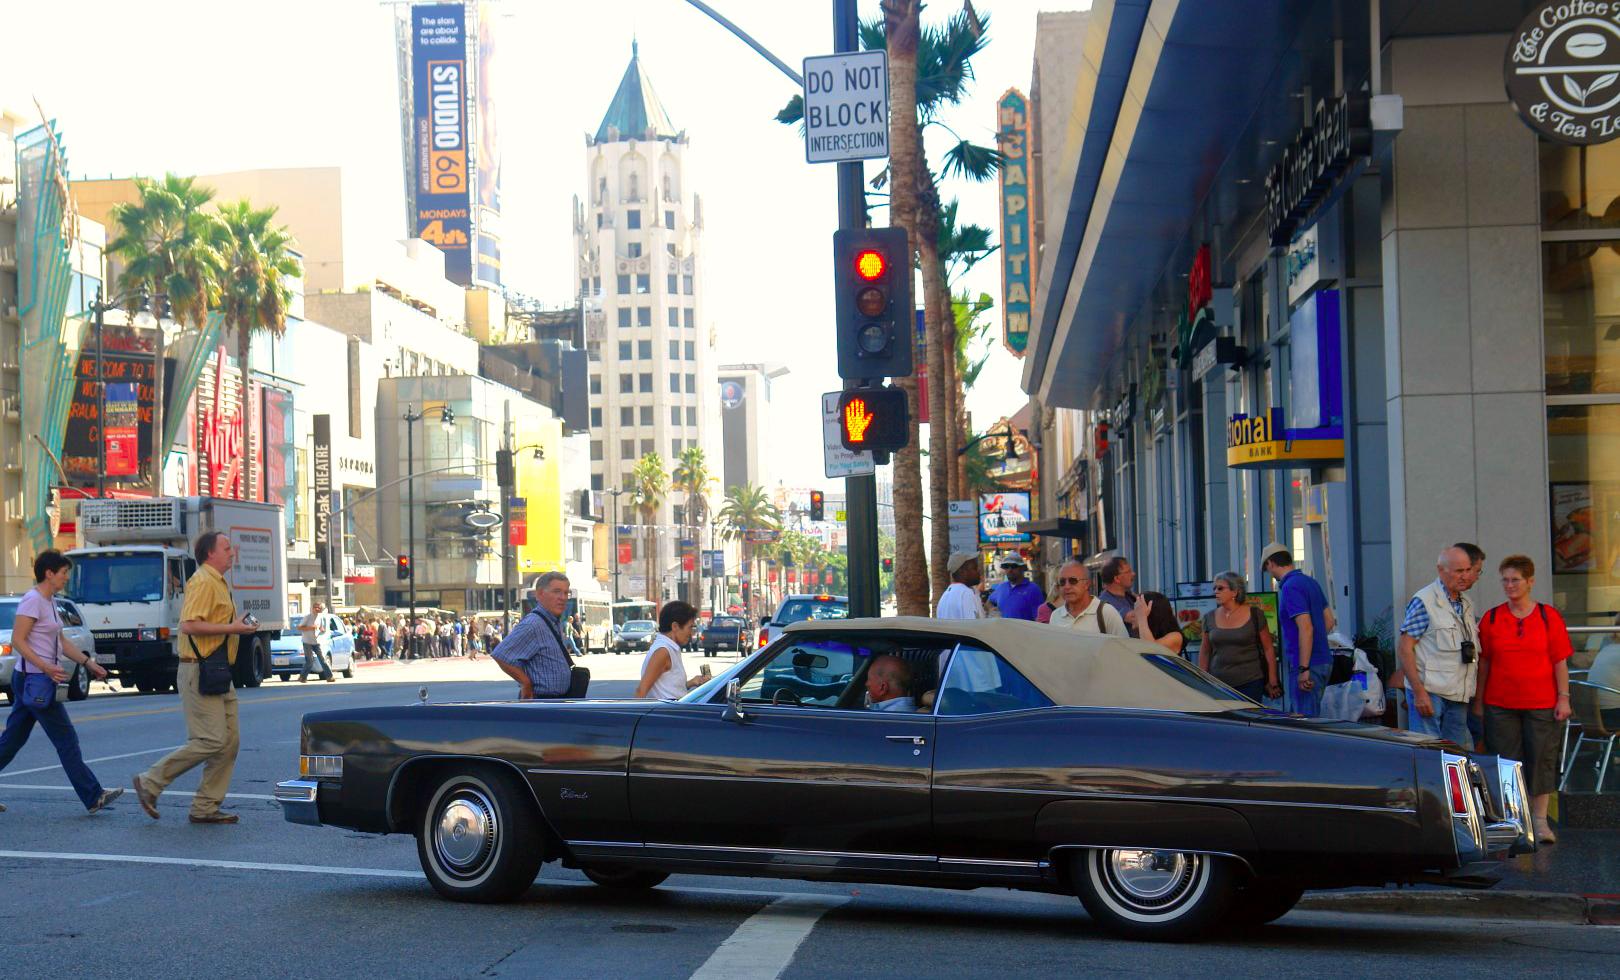 Qué hacer y ver en Los Ángeles los angeles - 32666749701 a3b5dd8b5e o - Qué hacer y ver en Los Angeles